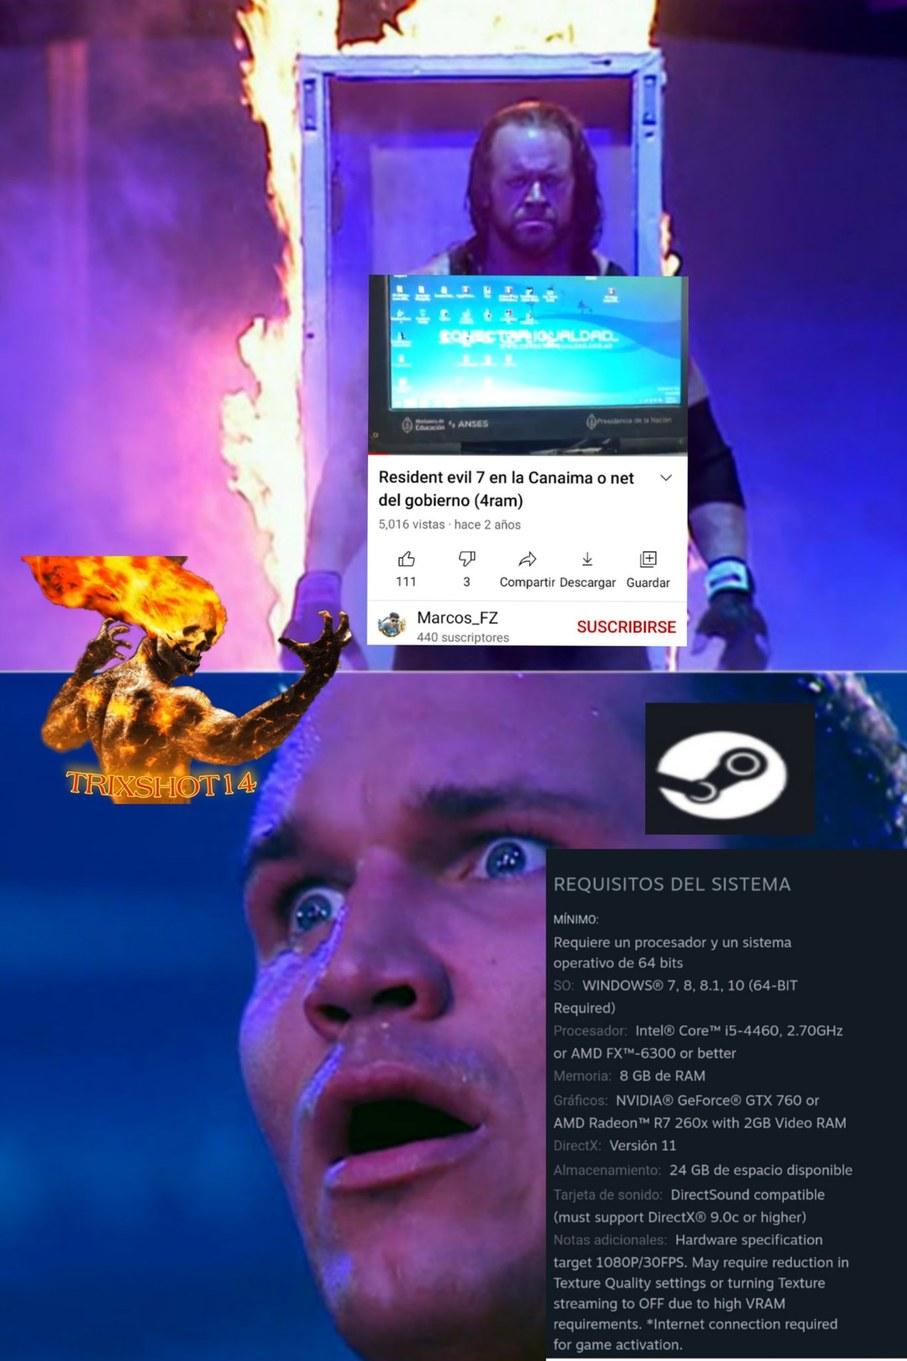 Le corria a unos 17 a 24 fps    pd: el proximo meme sera sobre el rac1sM0